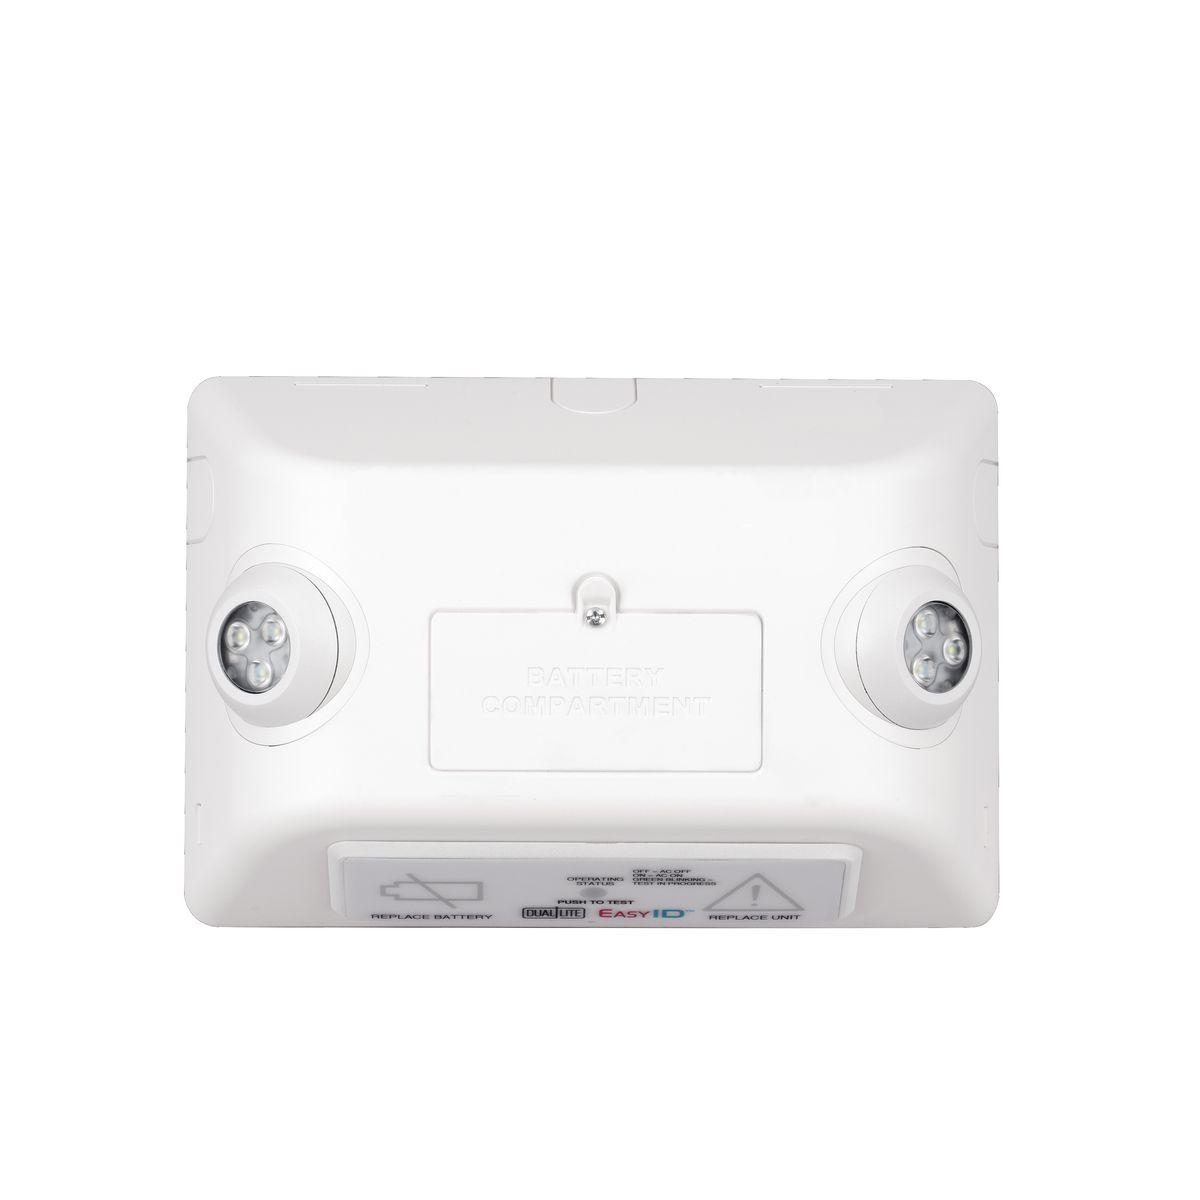 Evhc Series Dual Lite